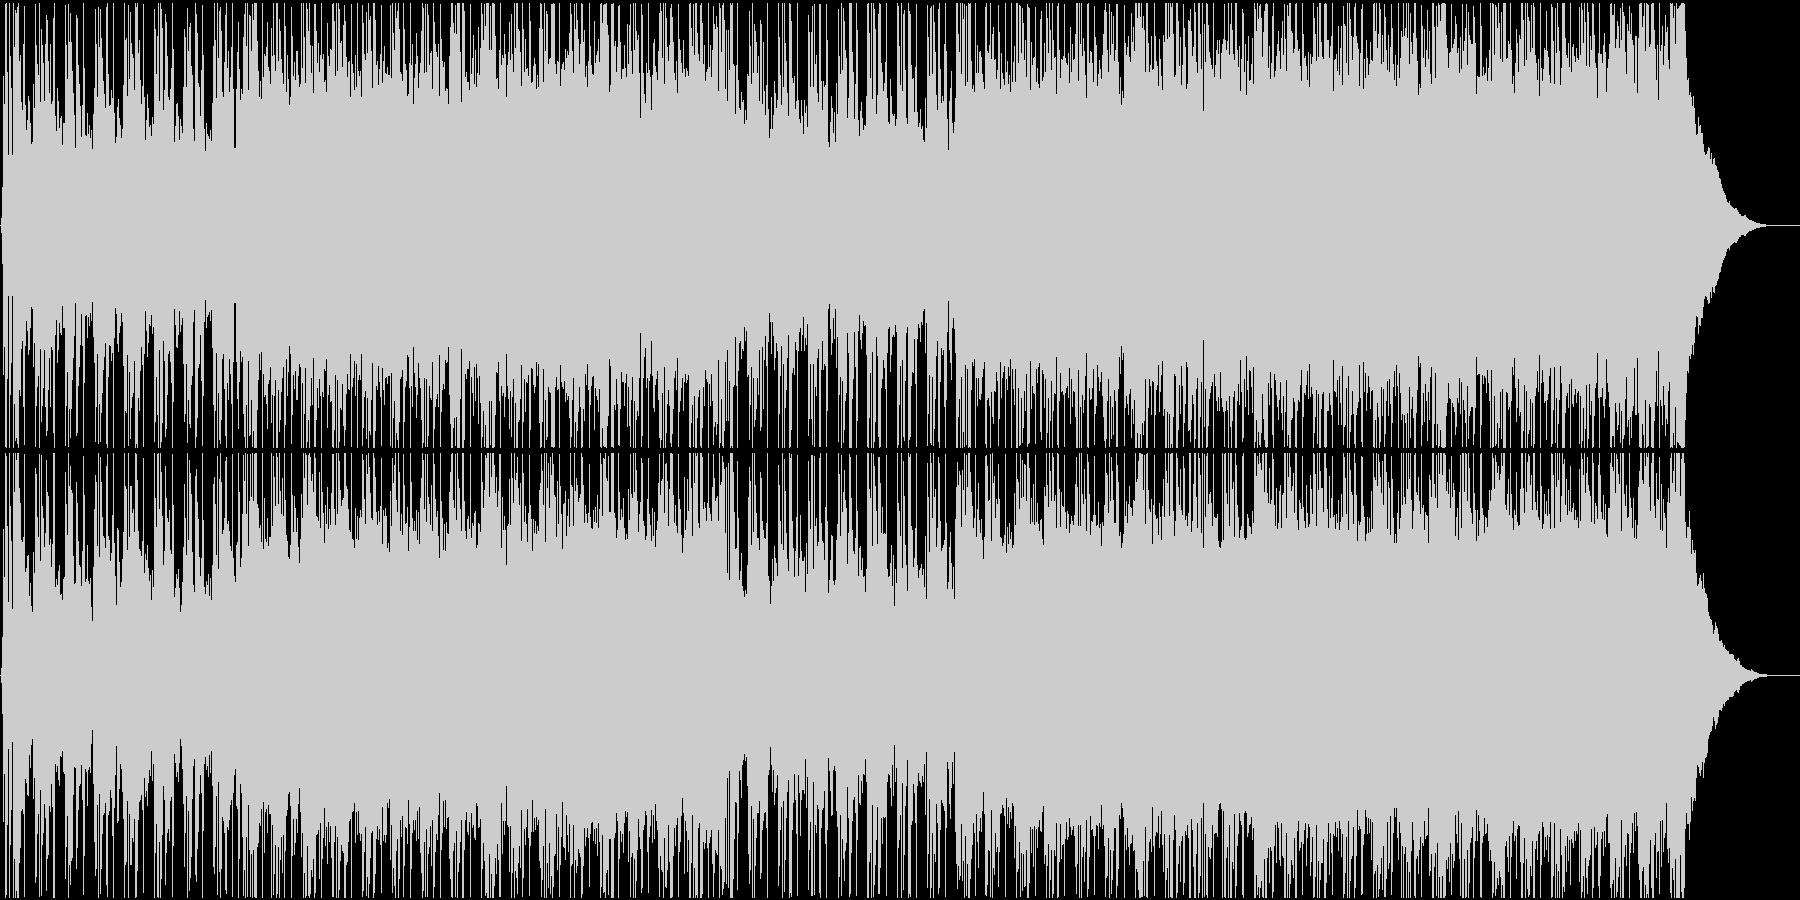 ハッピー、ロック、ポップの未再生の波形